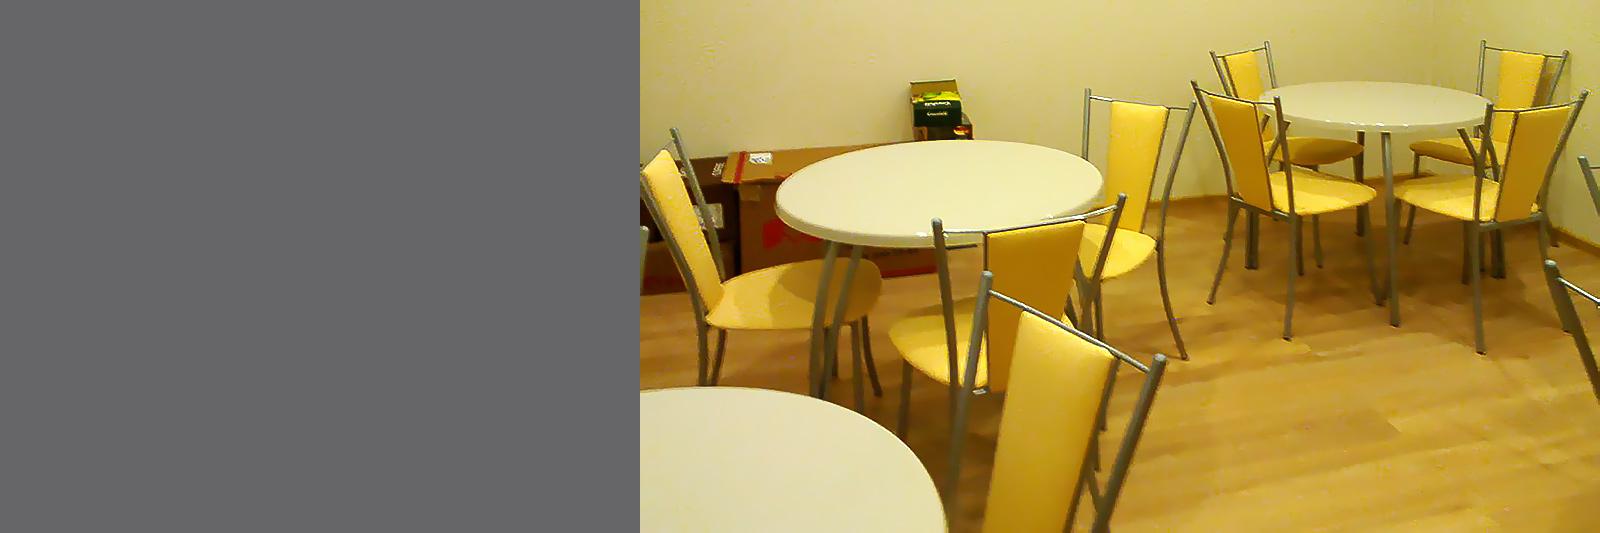 Обеденные столы на металлических опорах со стульями